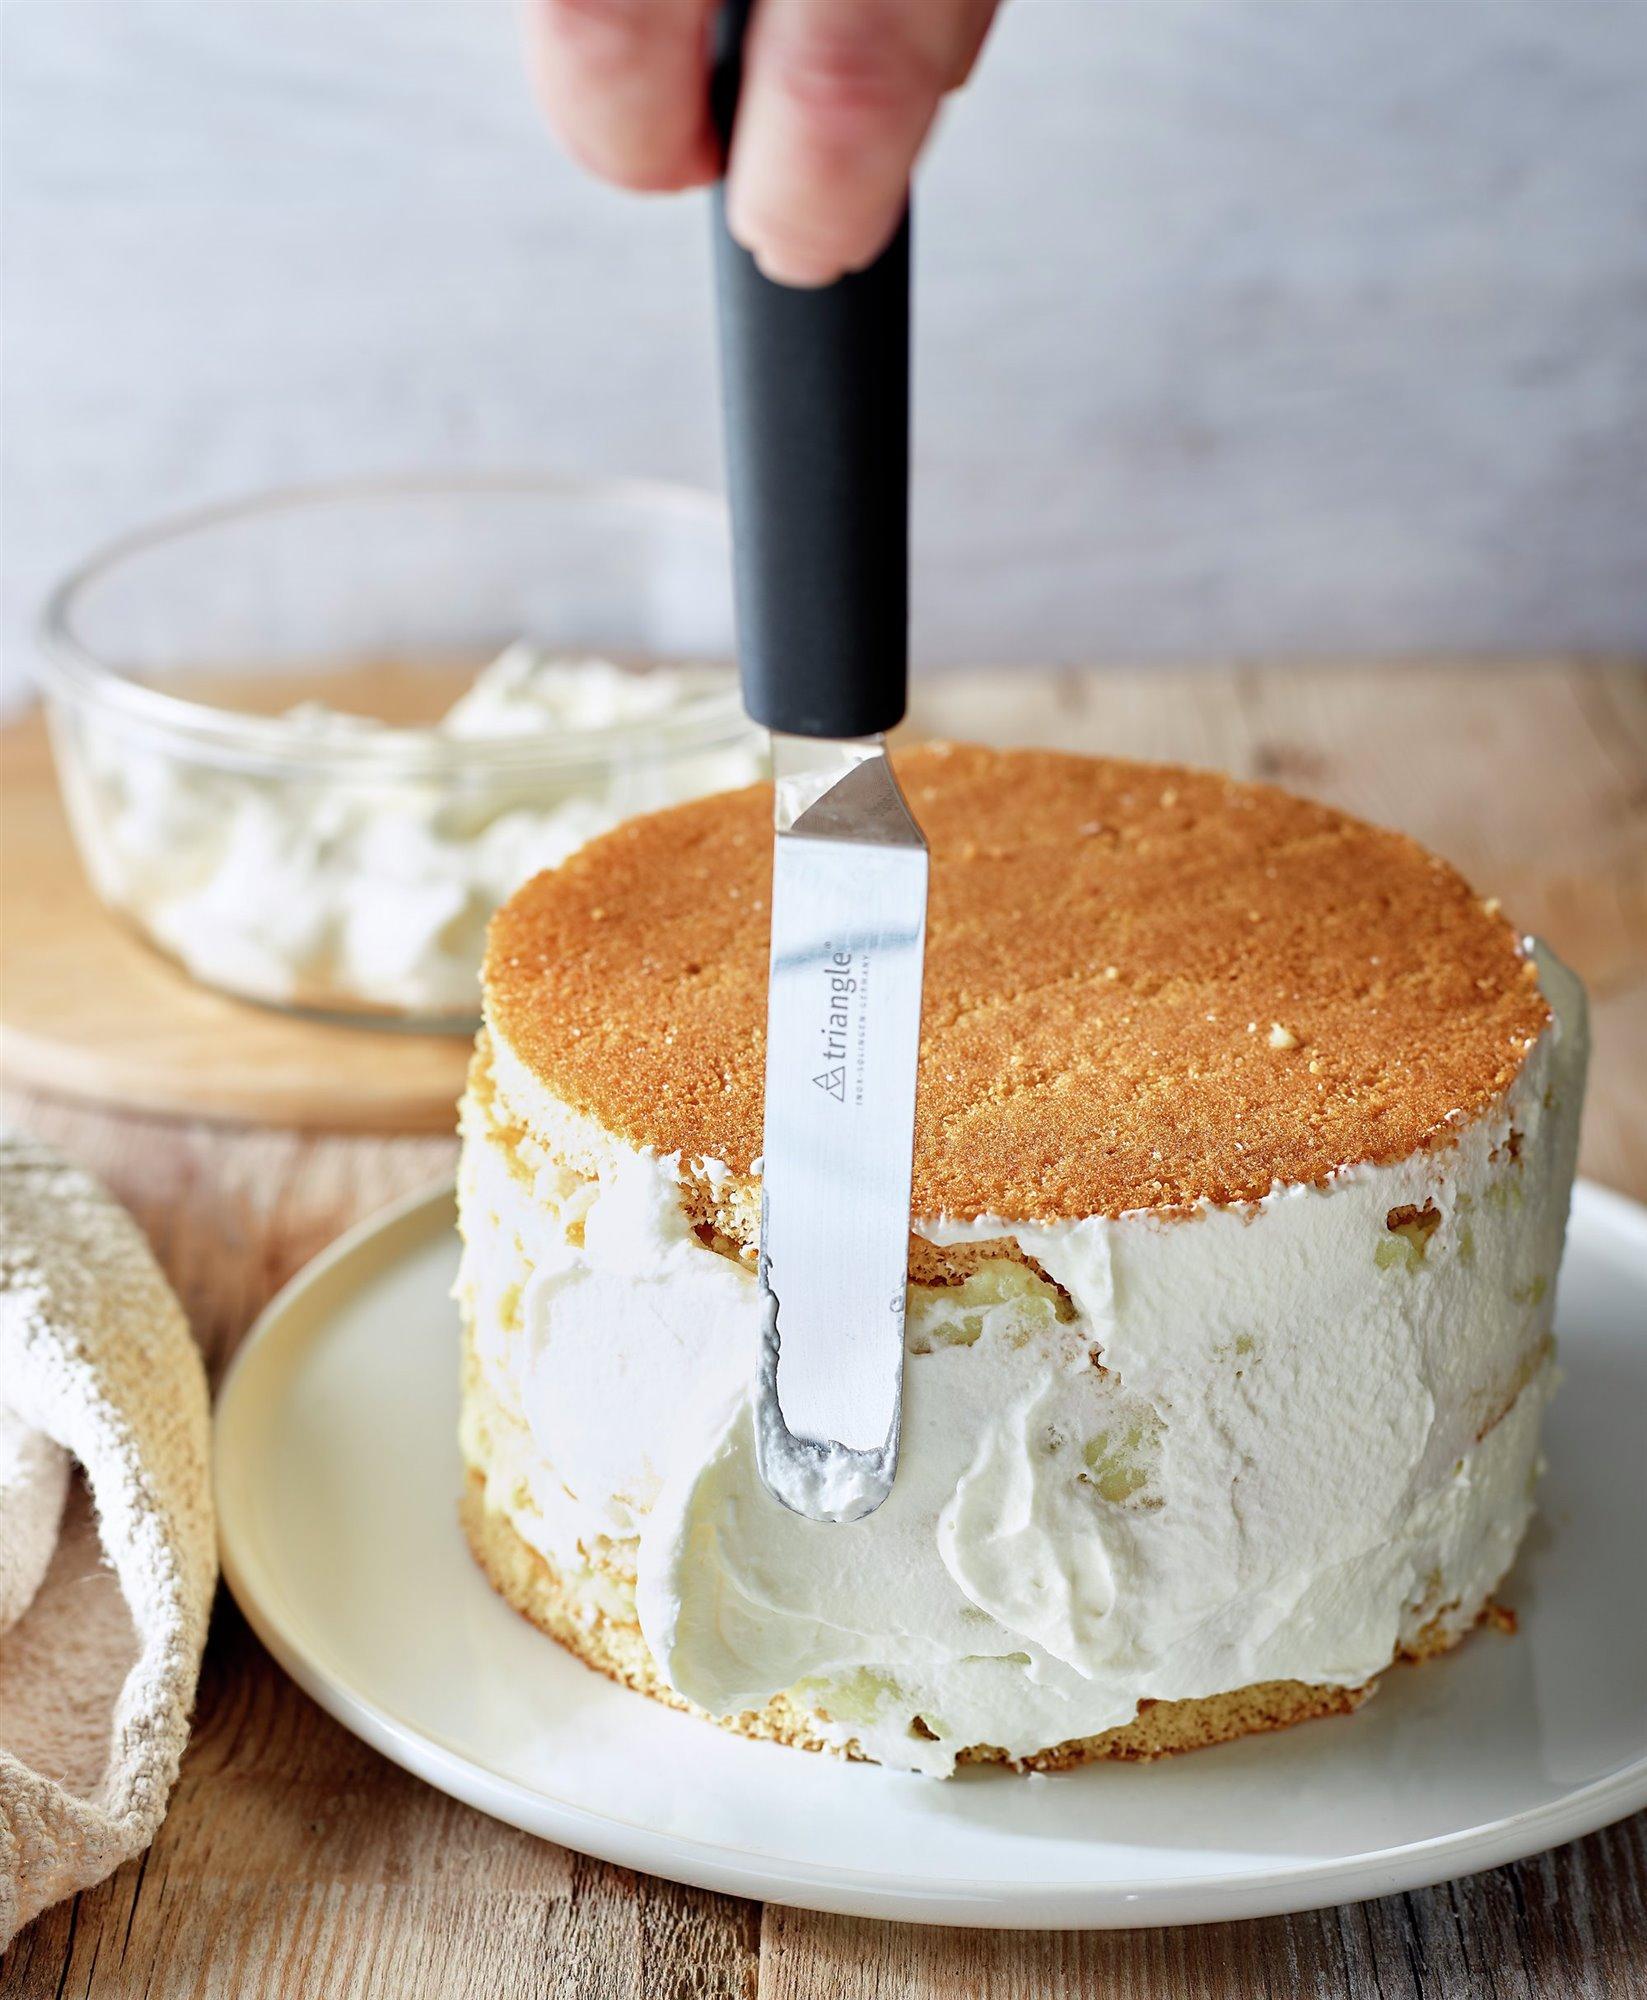 3. Cubre toda la tarta con nata montada